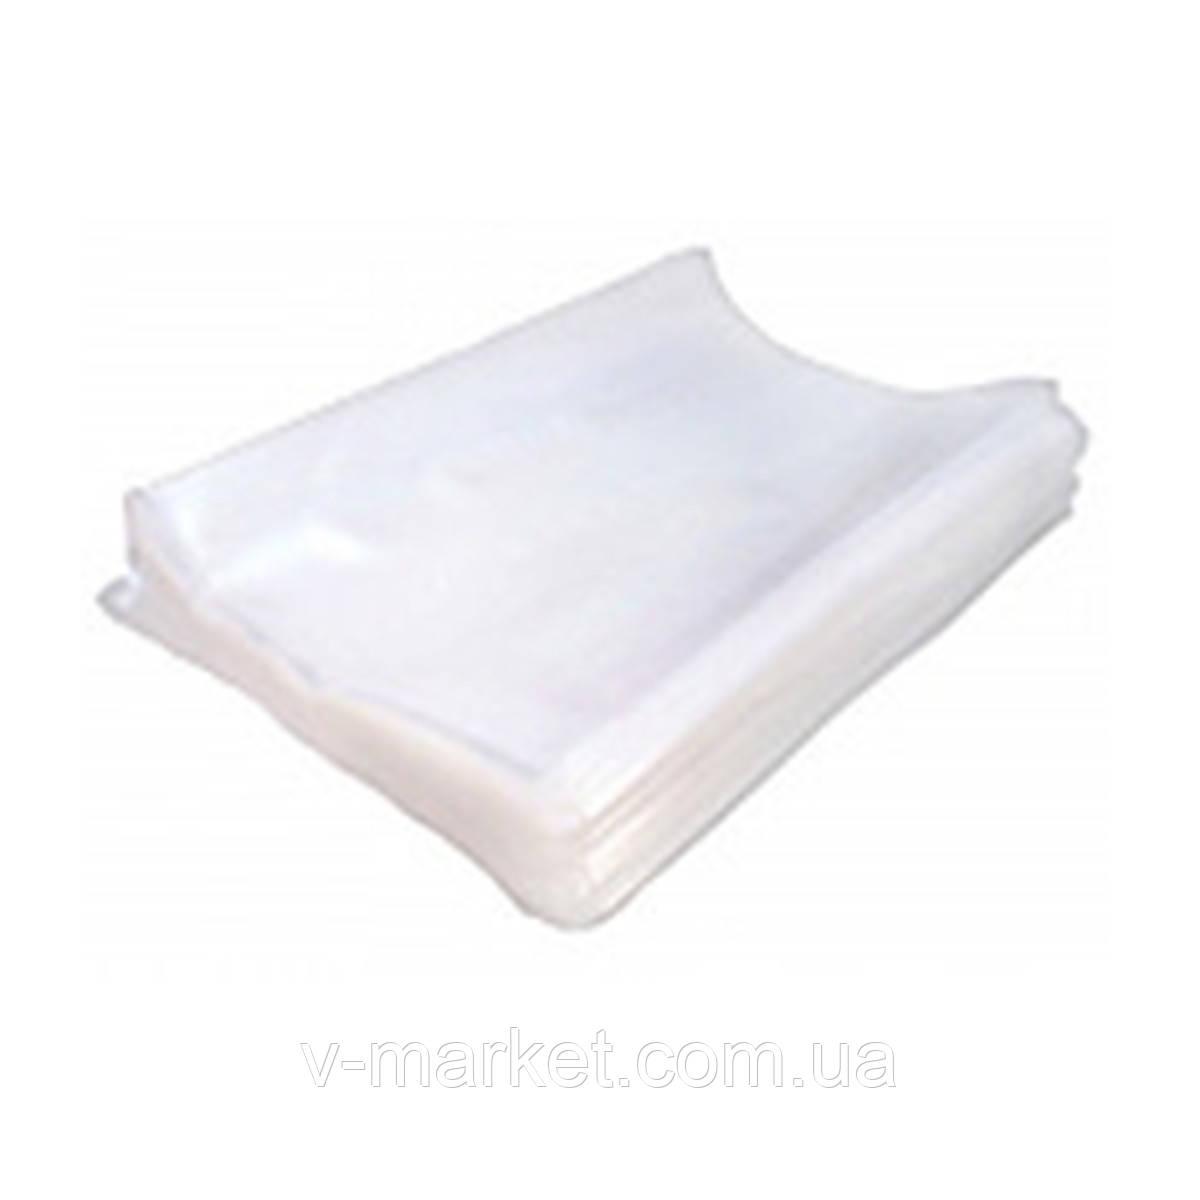 Мешок полиэтиленовый пищевые прозрачные 120 мкм., 65 см на 100 см, 50 шт